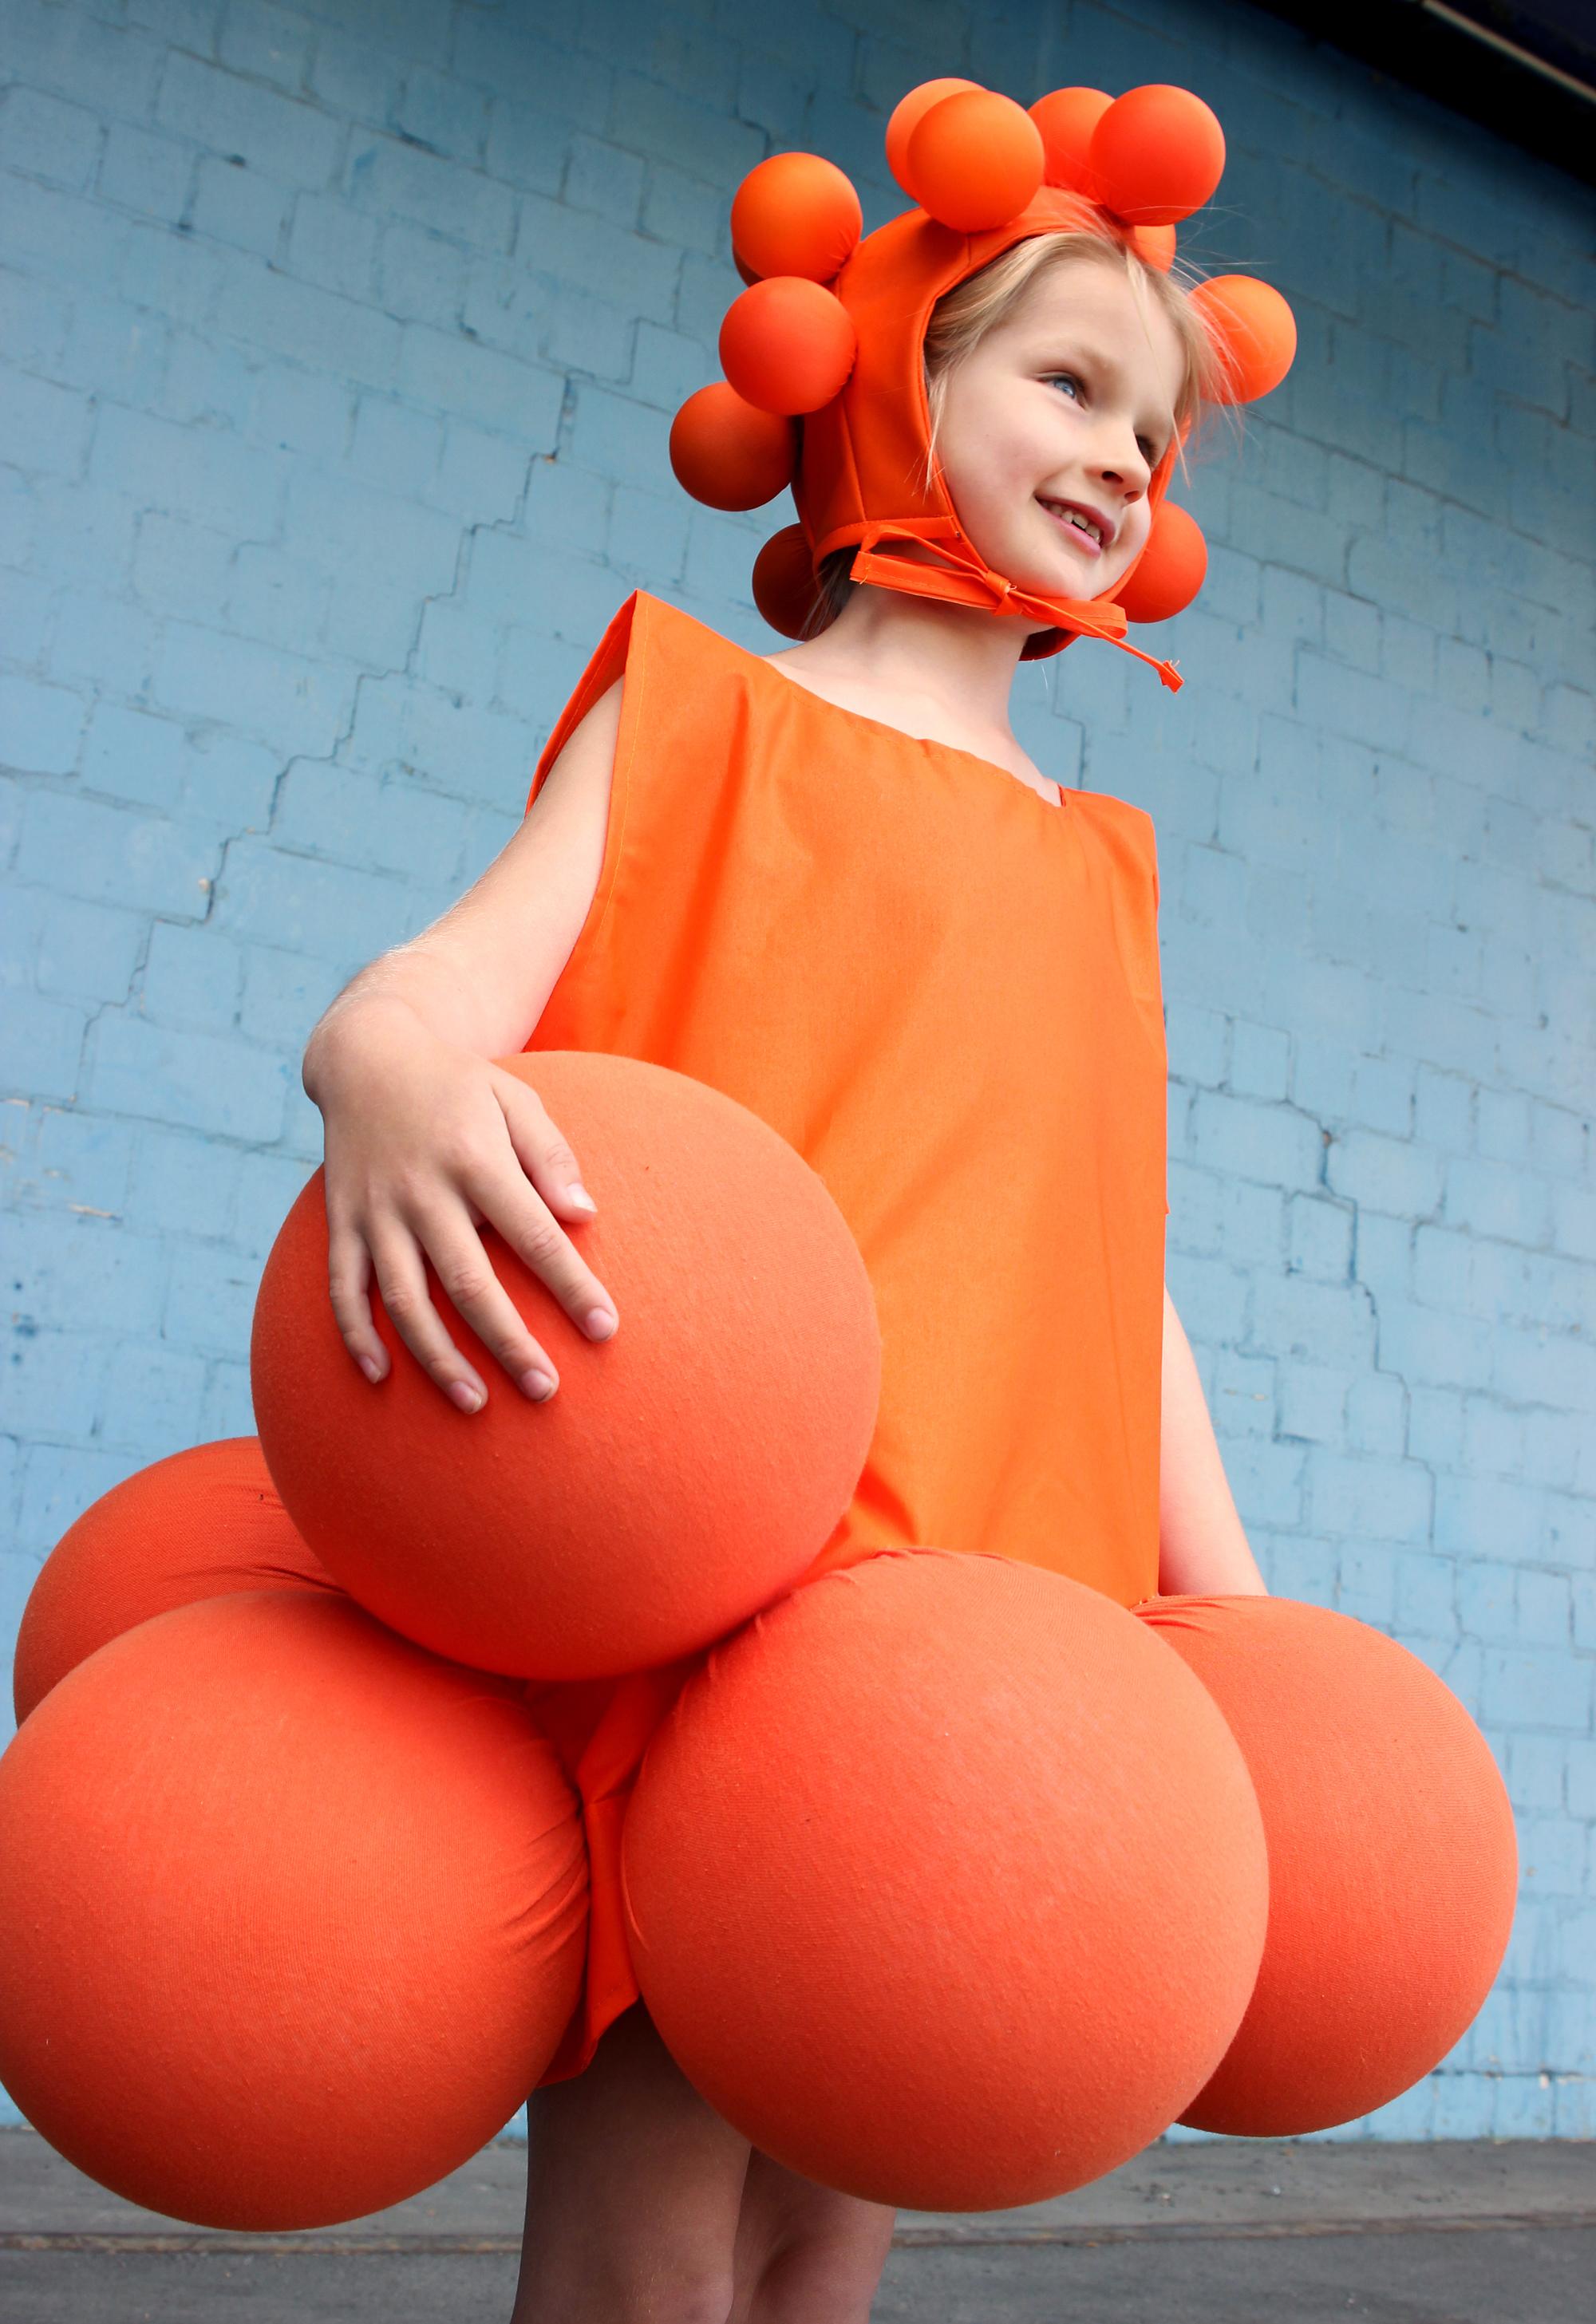 Ein Mädchen ist prunkvoll in einer orangenen Verkleidung.